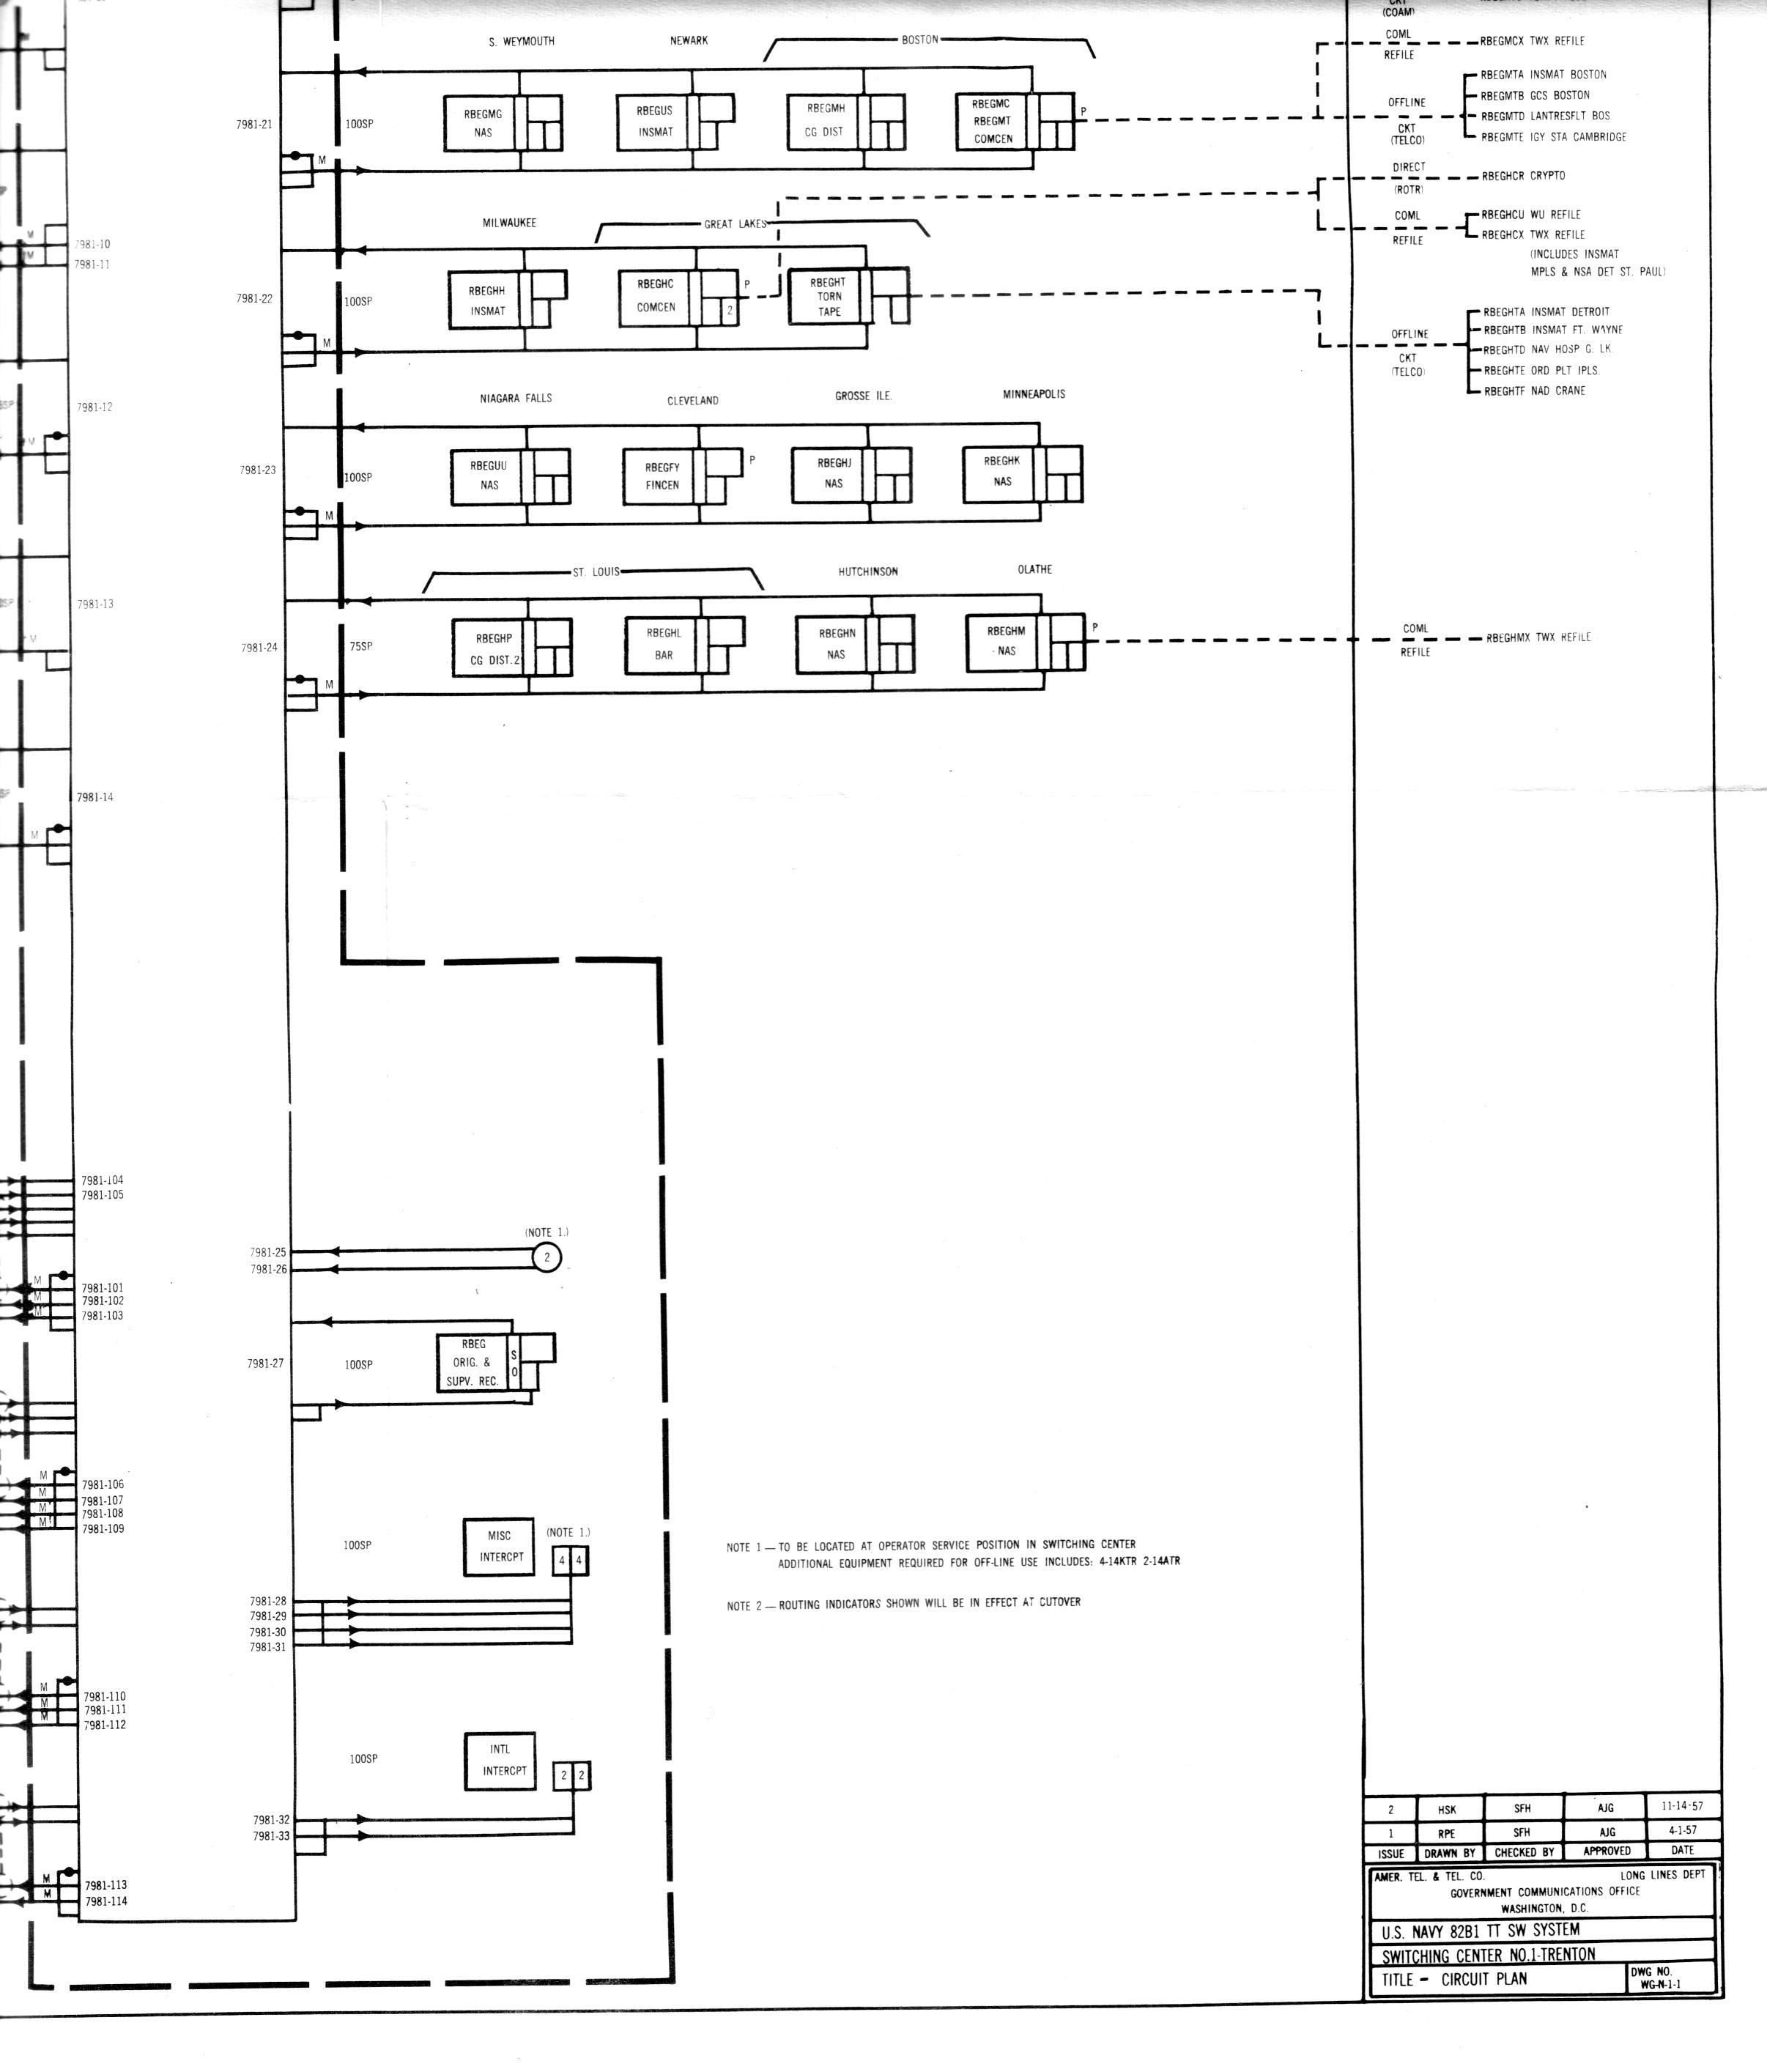 Trenton Wiring Diagrams Auto Electrical Diagram Mariner Magnum 40 Hp Hvac